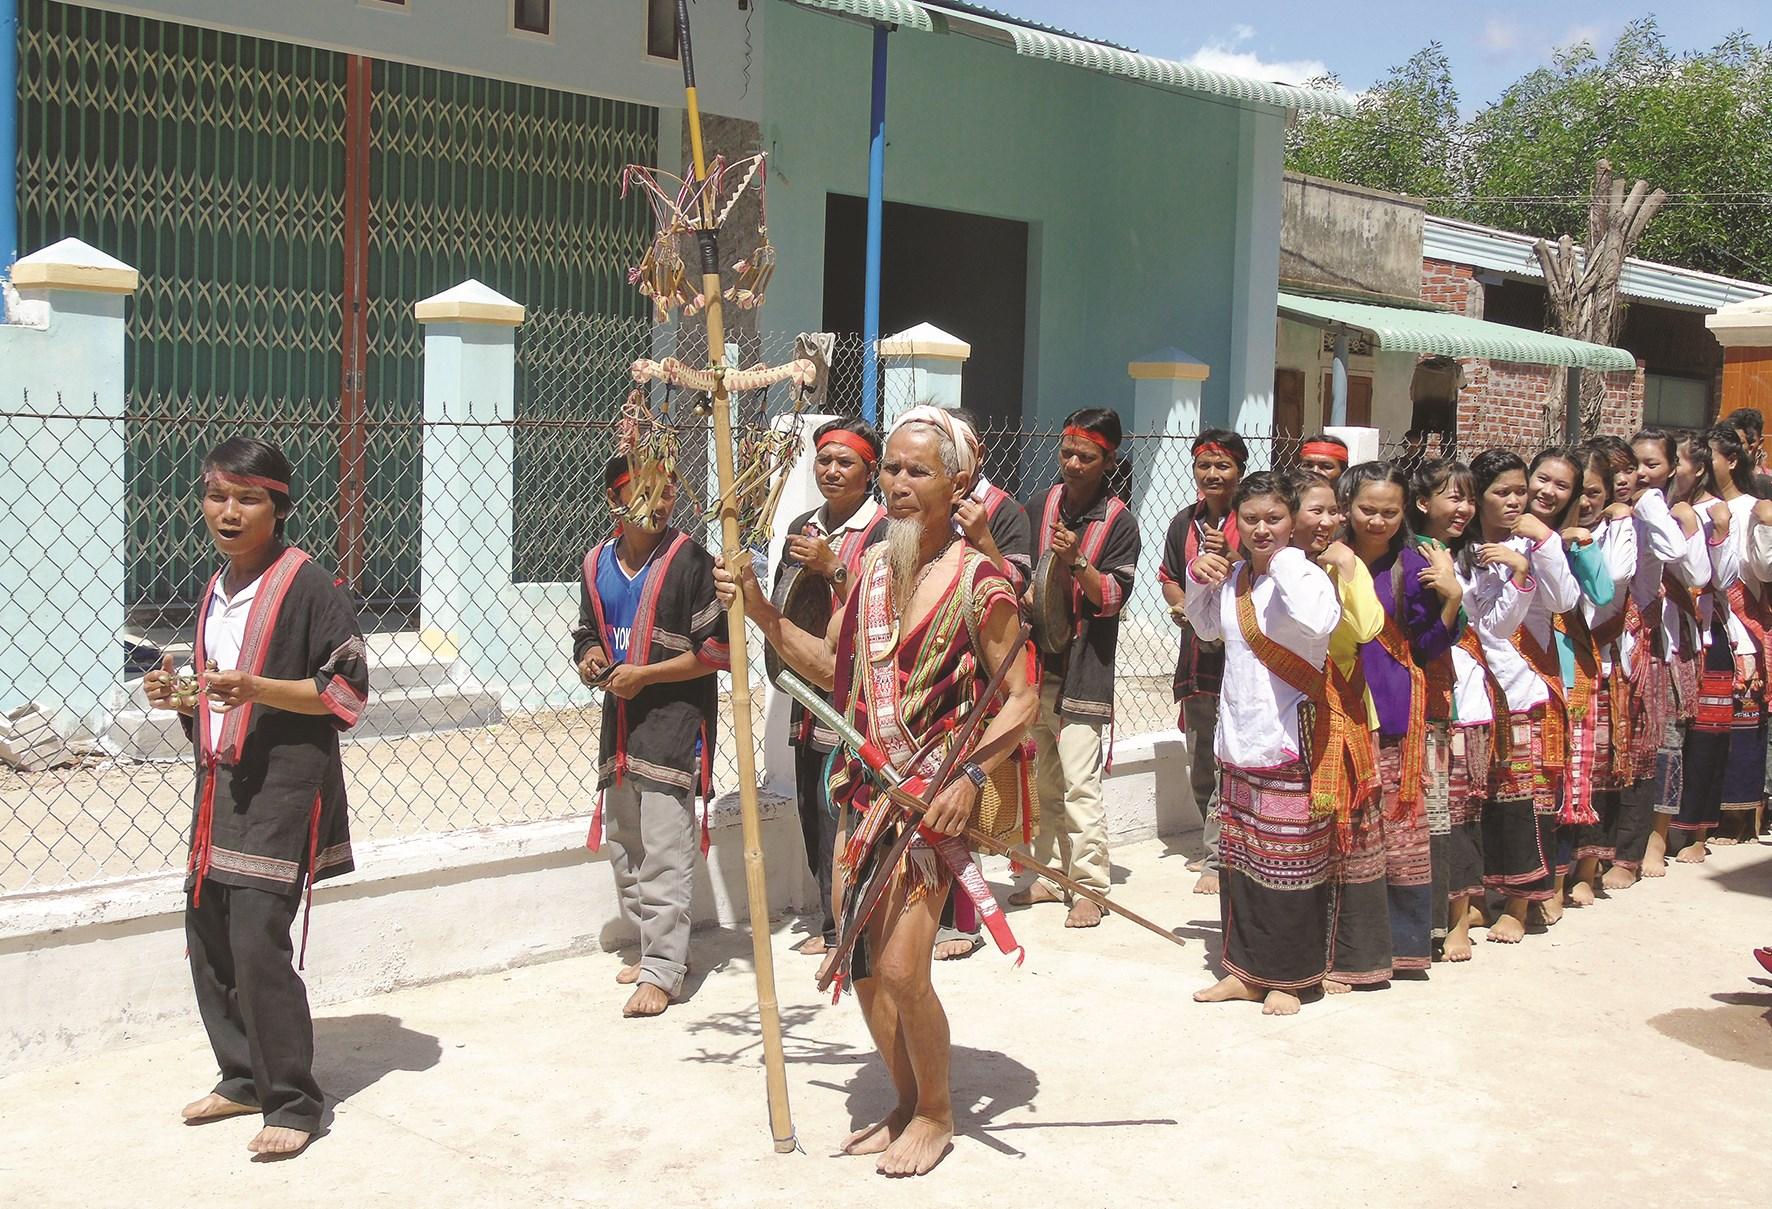 Nghệ nhân Lê Văn Ru (người cầm cây nêu) hướng dẫn bà con đánh cồng chiêng và múa xoang